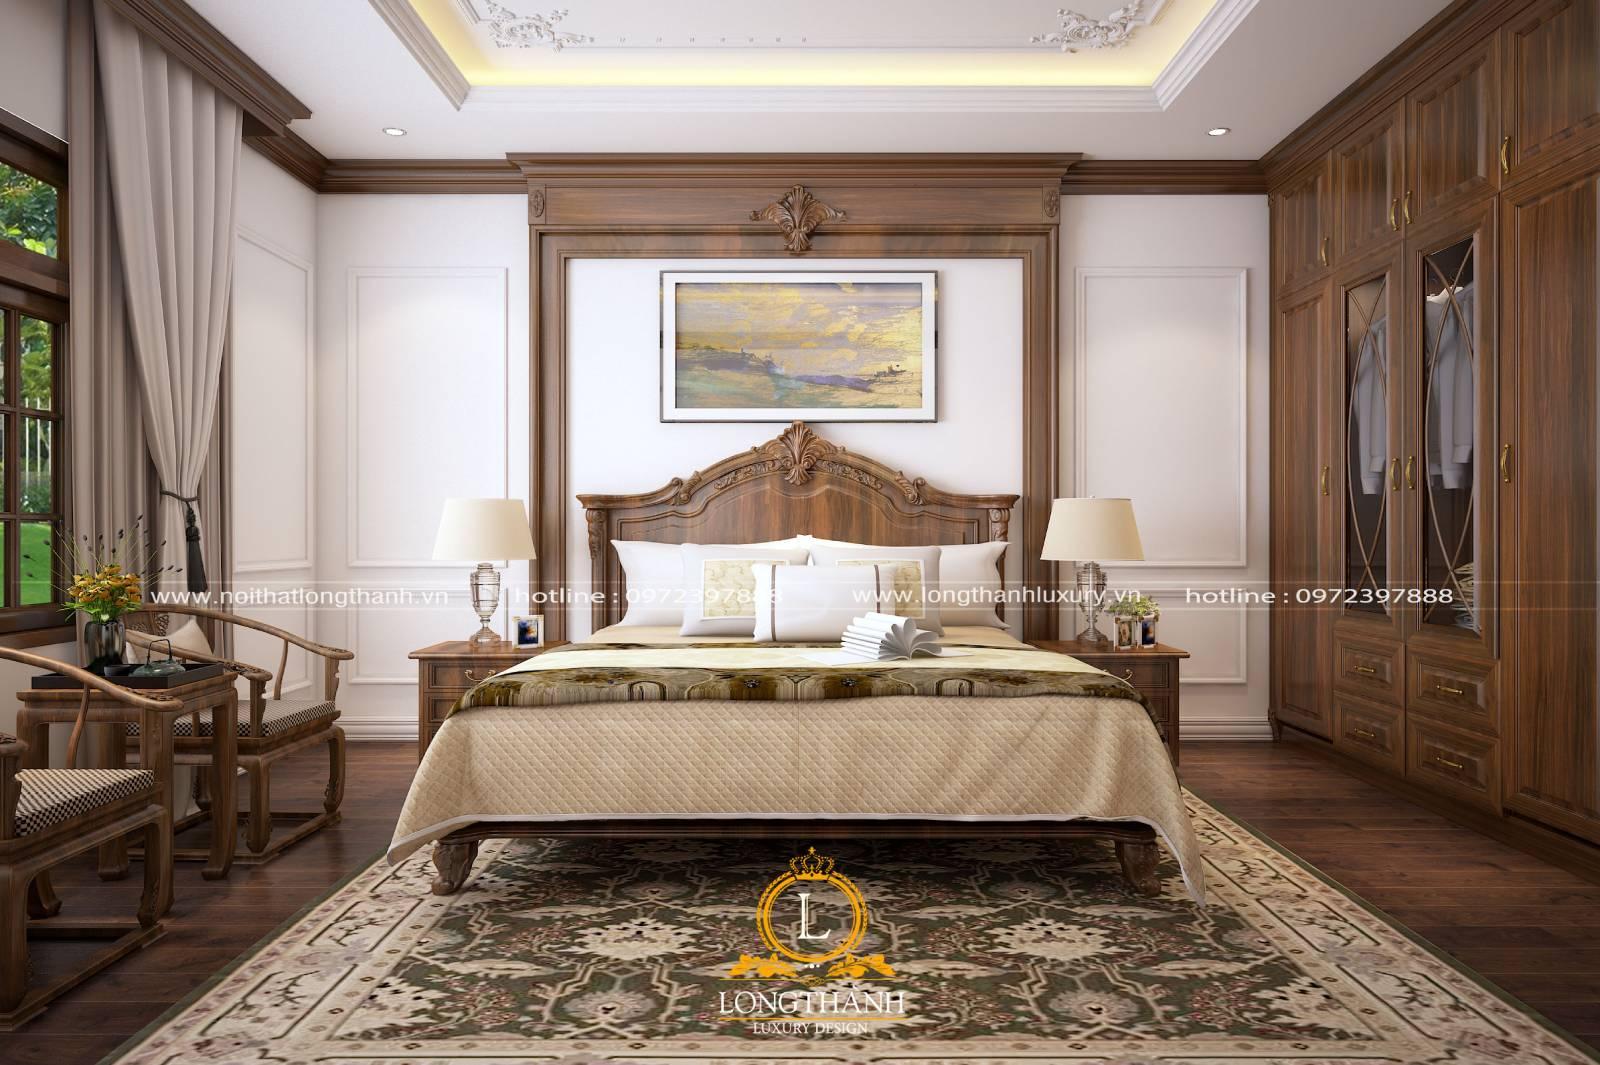 Thiết kế phòng ngủ master tân cổ điển cho cặp vợ chồng